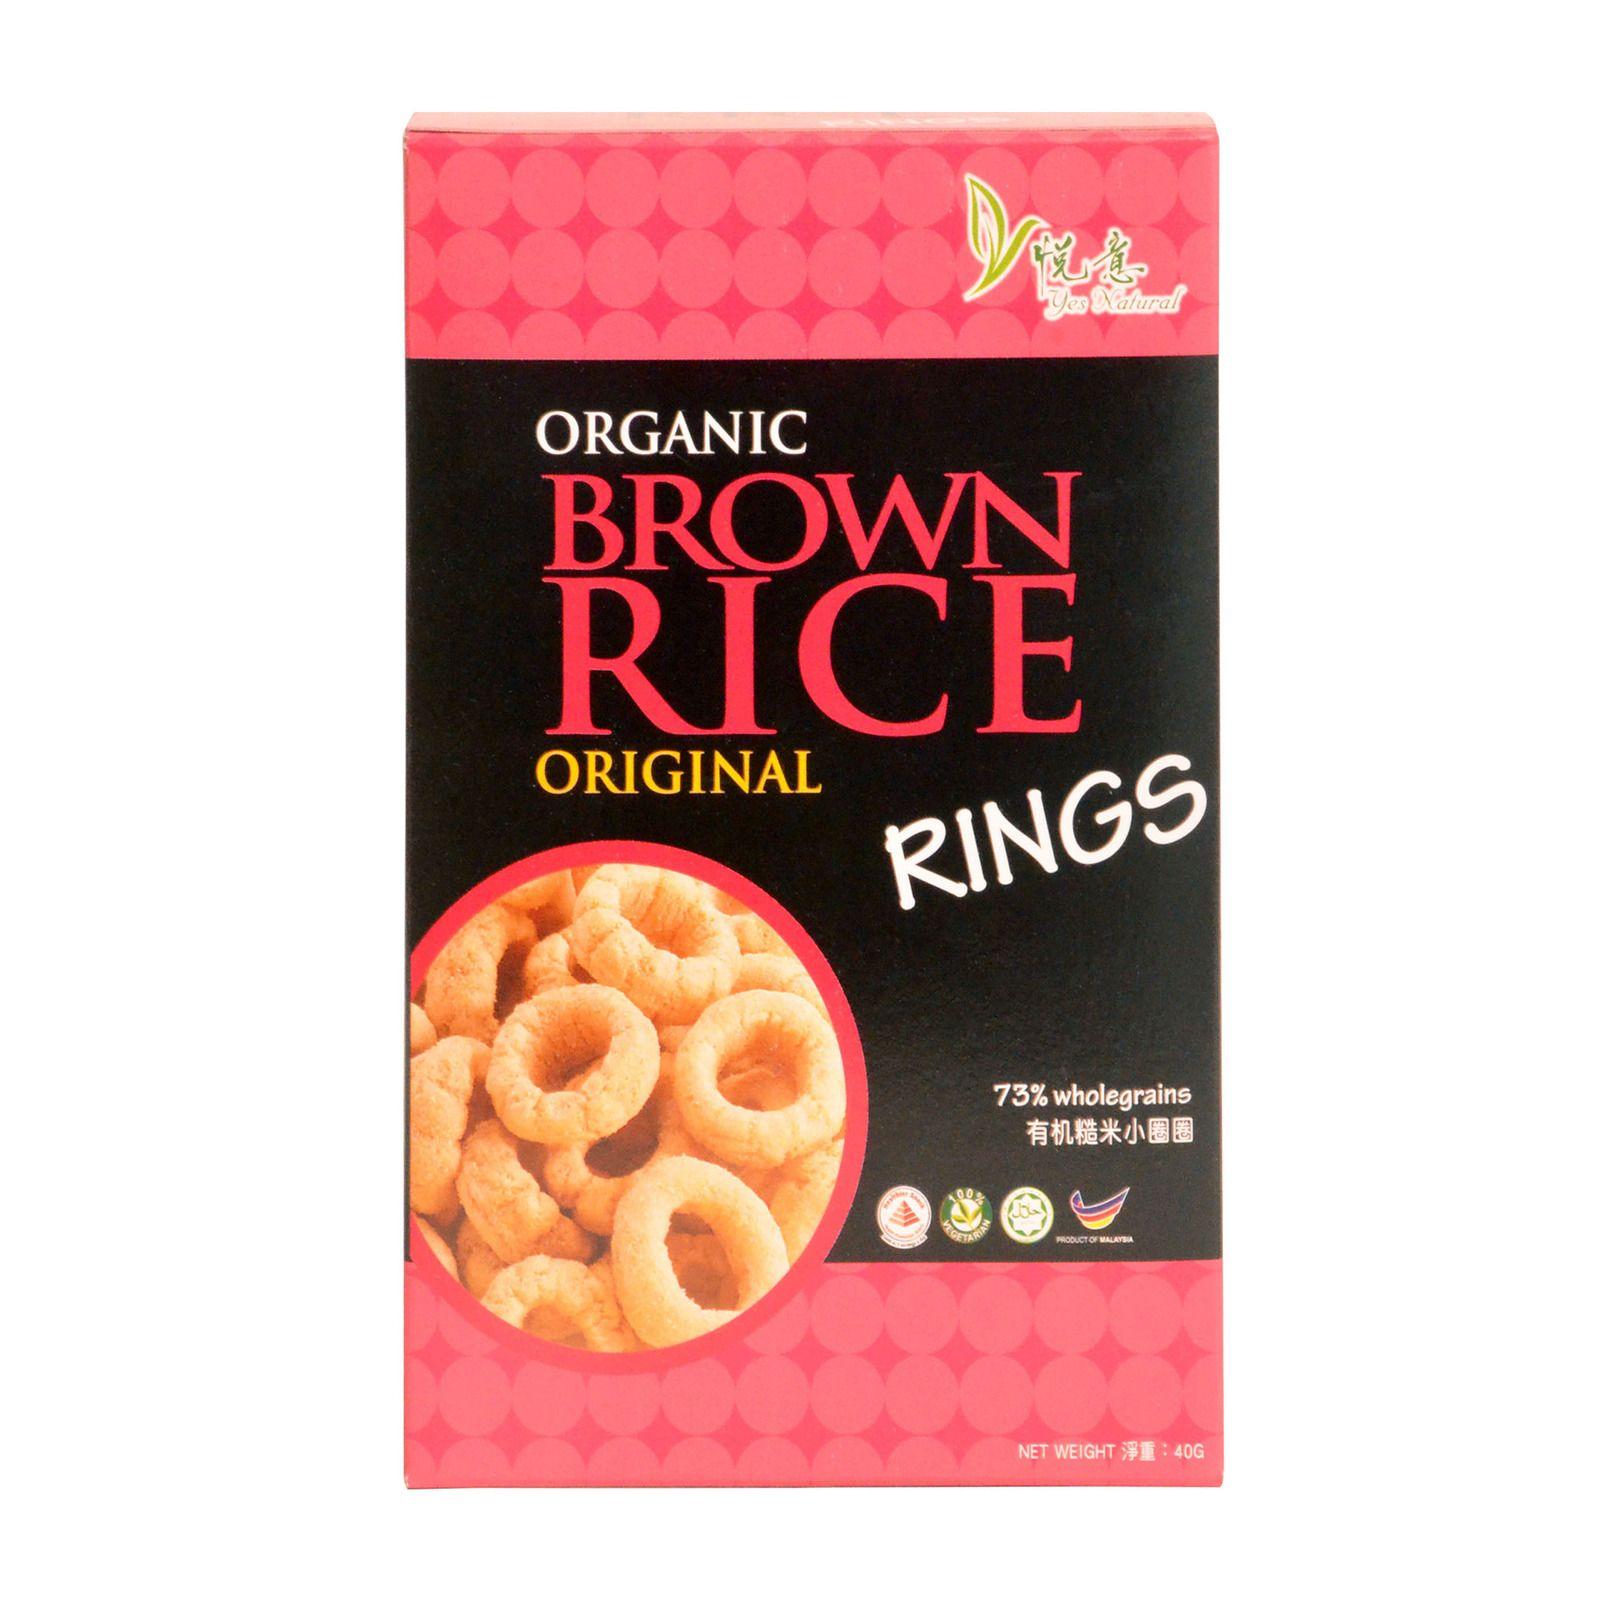 Yes Natural Organic Brown Rice Ring Original 40g Fairprice Singapore Organic Brown Rice Gluten Free Dairy Free Brown Rice